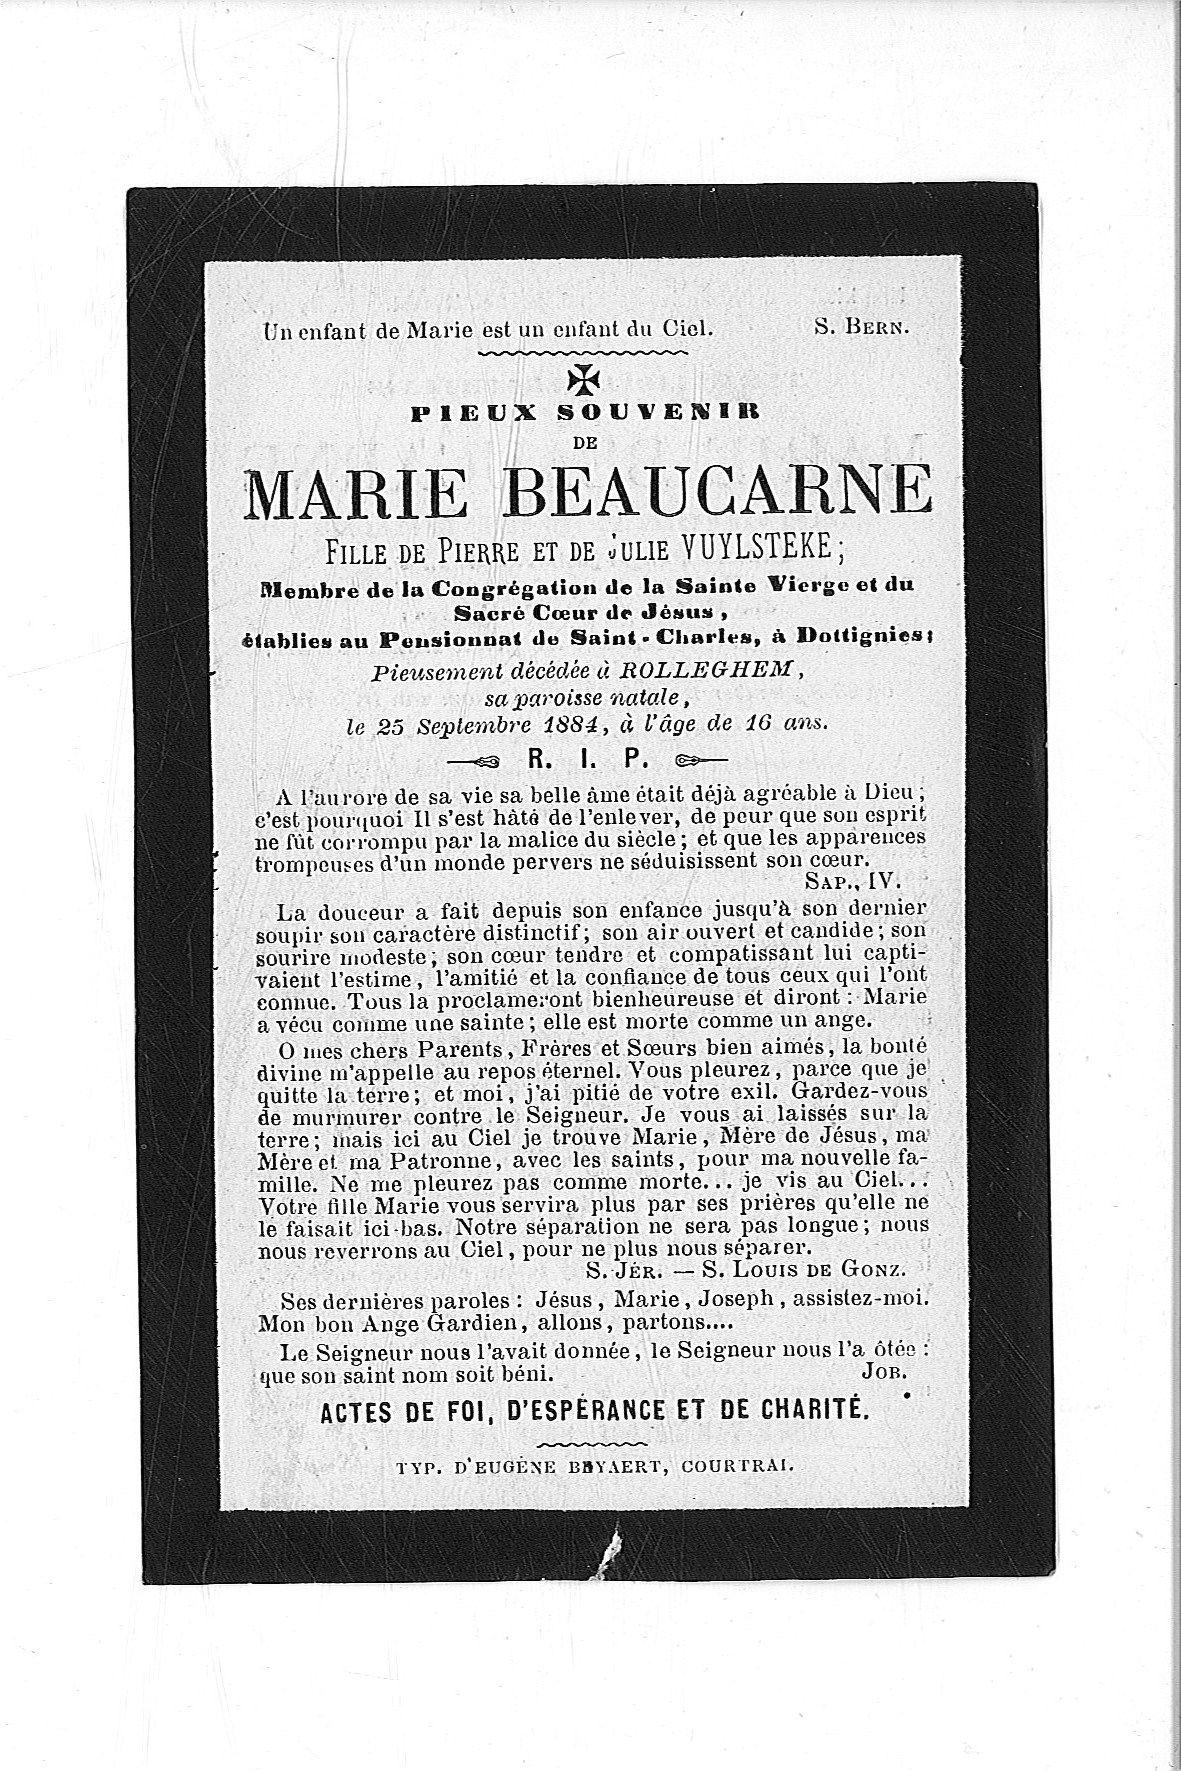 Marie(1884)20090806155105_00003.jpg